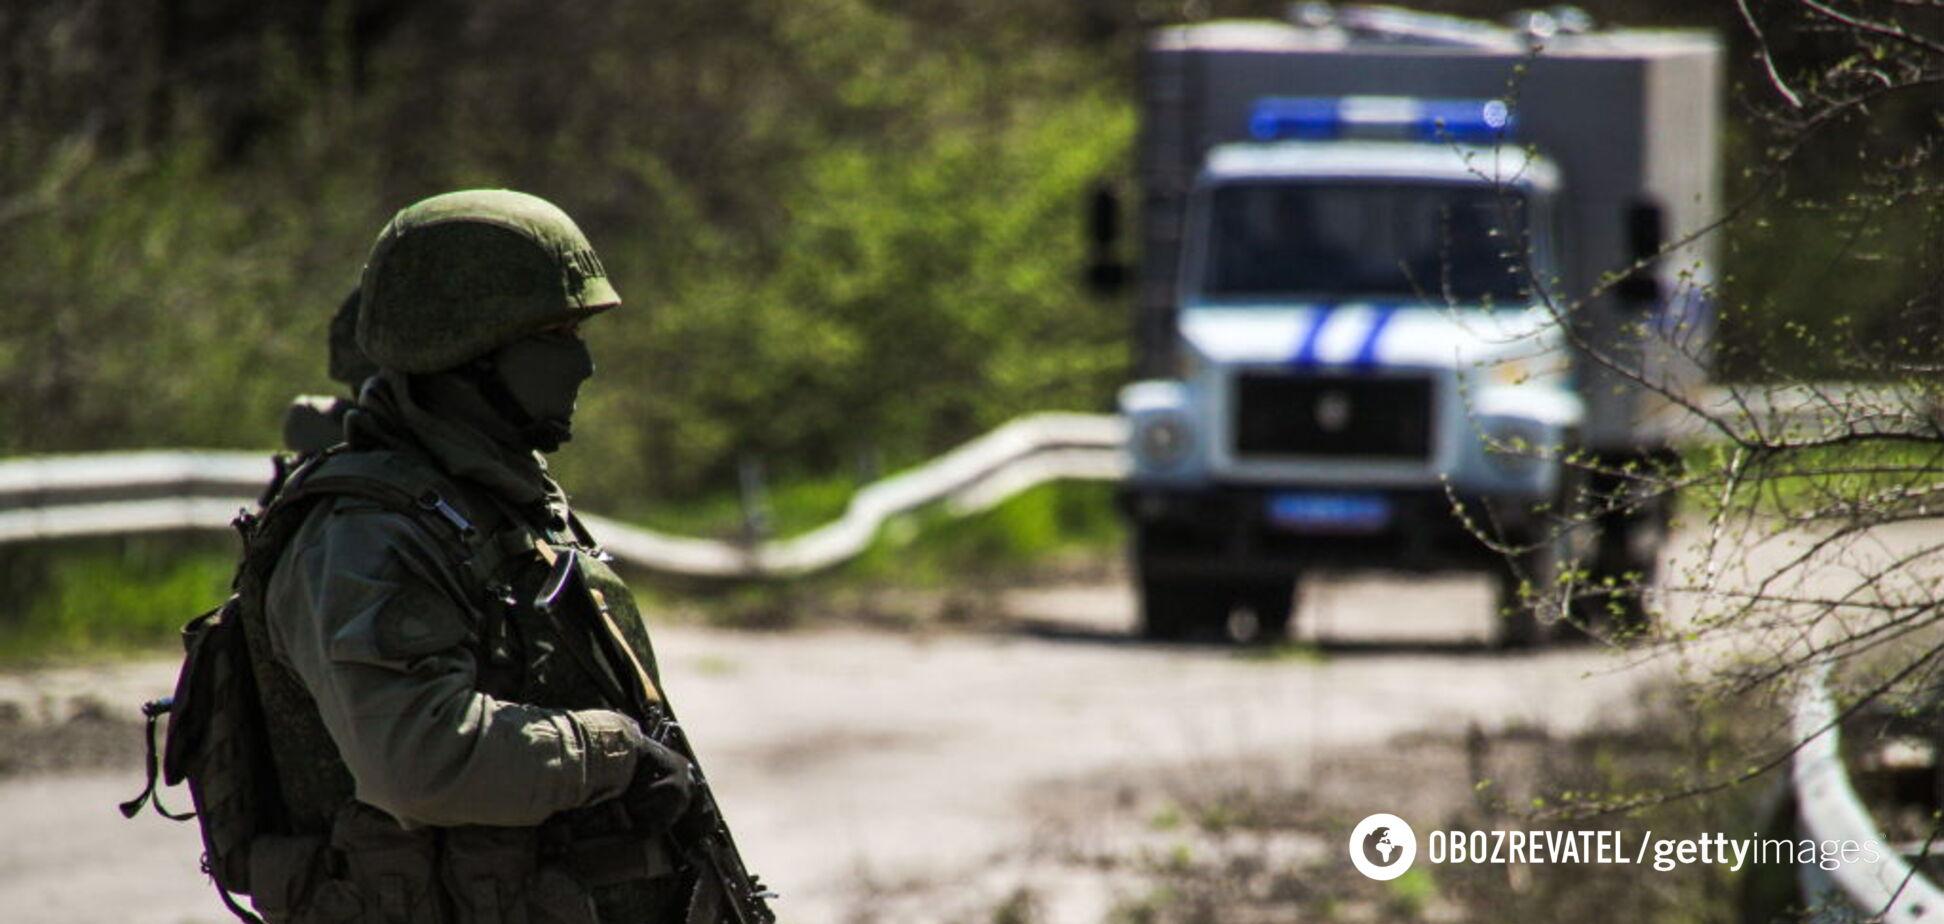 Волонтери викрили пропаганду Росії проти ООС і ОБСЄ на Донбасі